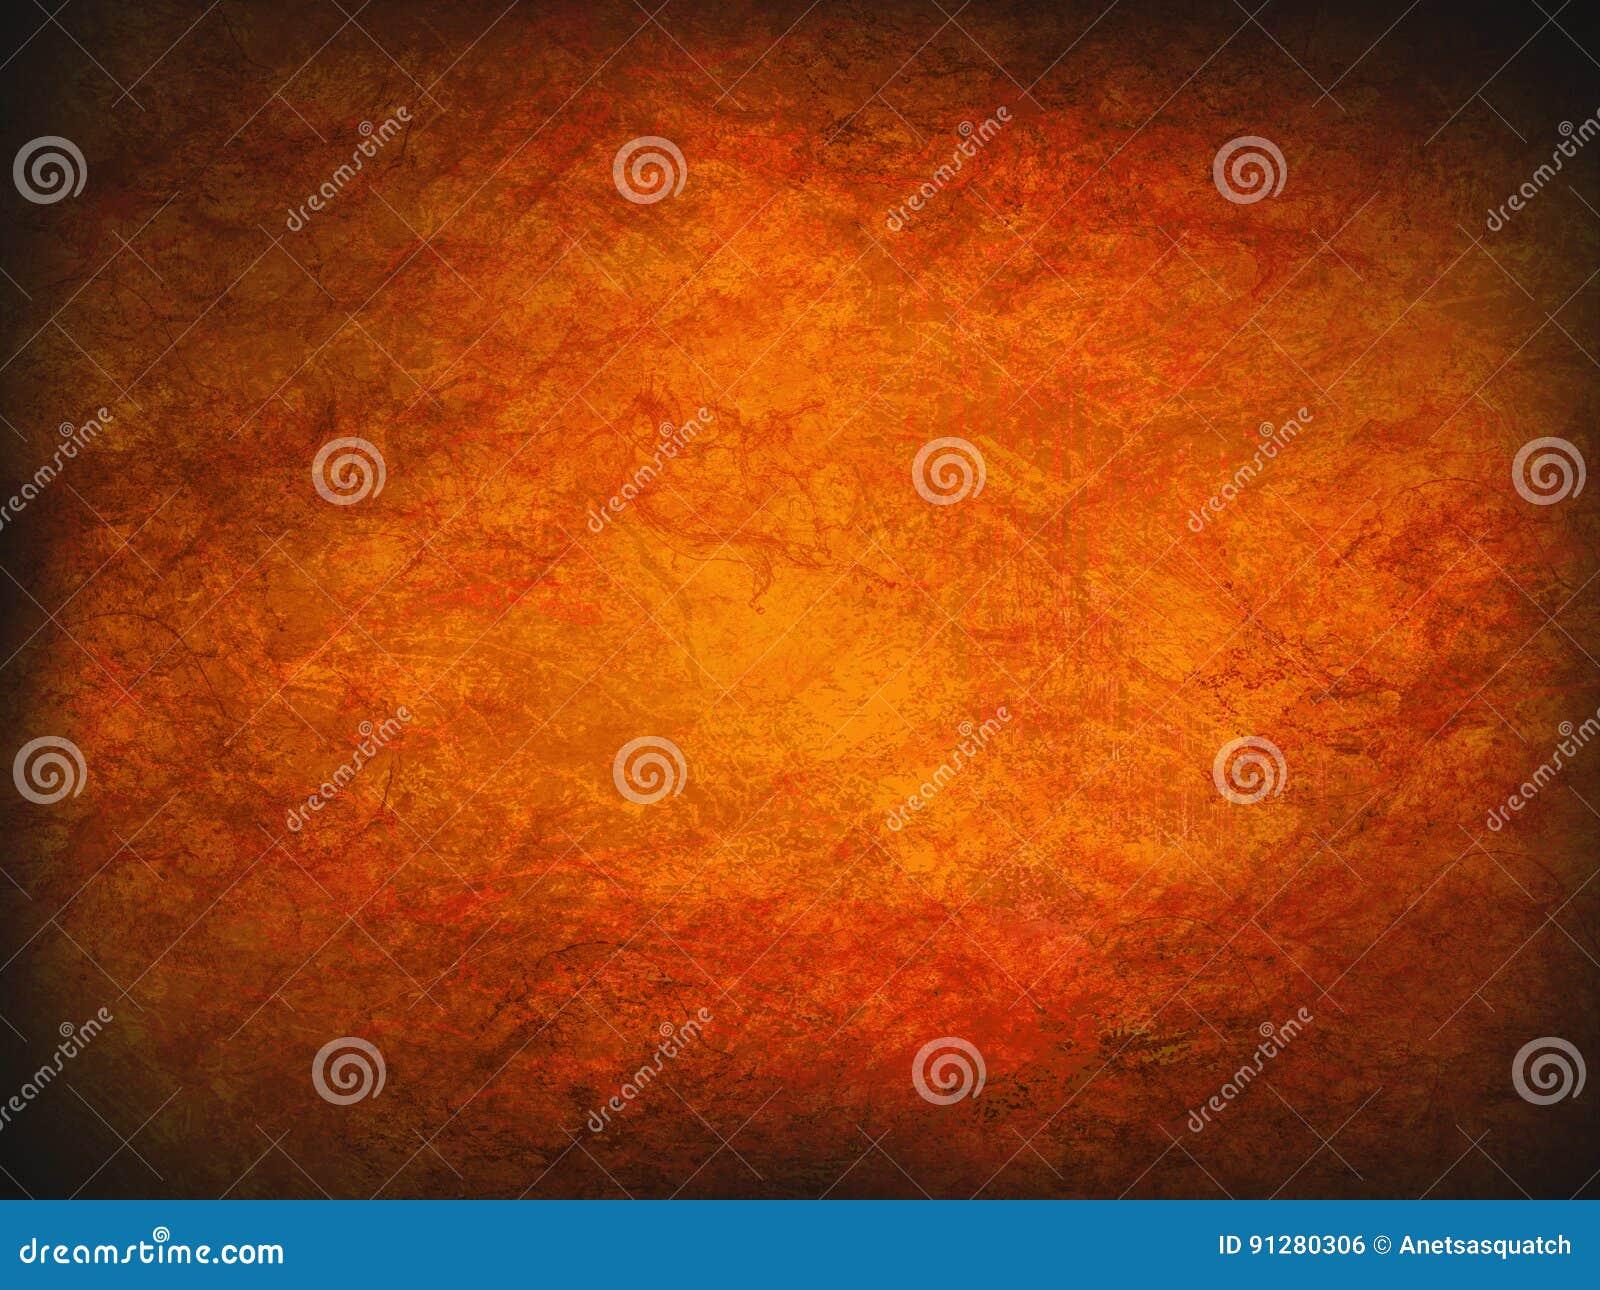 För brandgrunge för tappning abstrakt orange bakgrund med den ljusa mittstrålkastaren Modern textur med mörka hörn